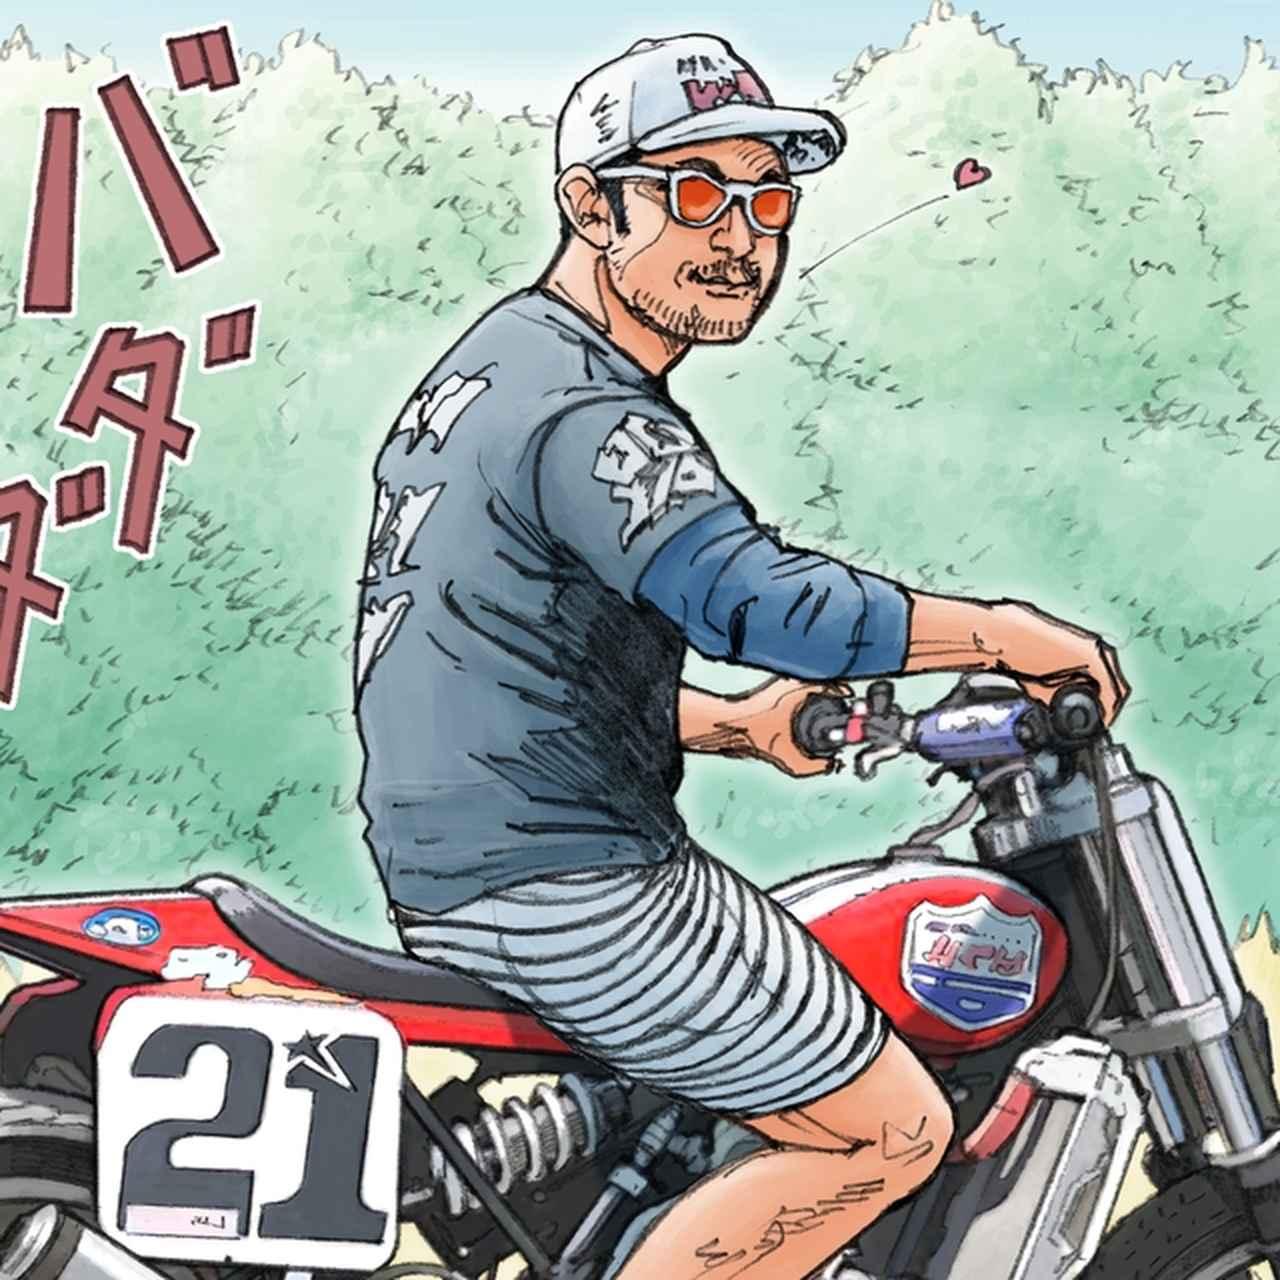 画像: ハヤシナオミ - LAWRENCE - Motorcycle x Cars + α = Your Life.